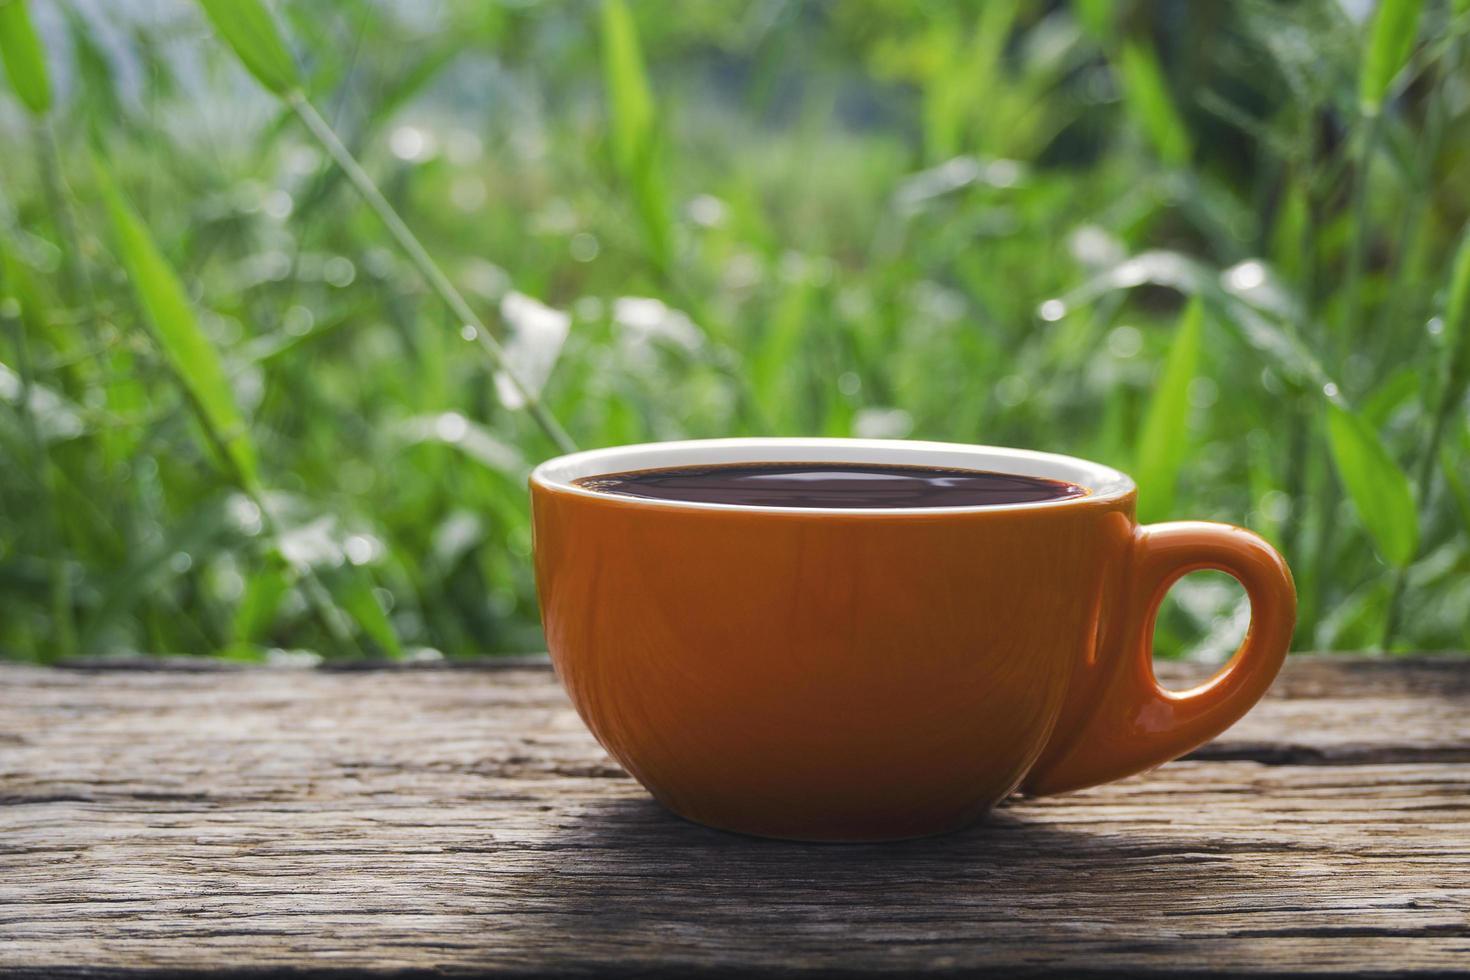 oranje kopje koffie op tafel buiten foto